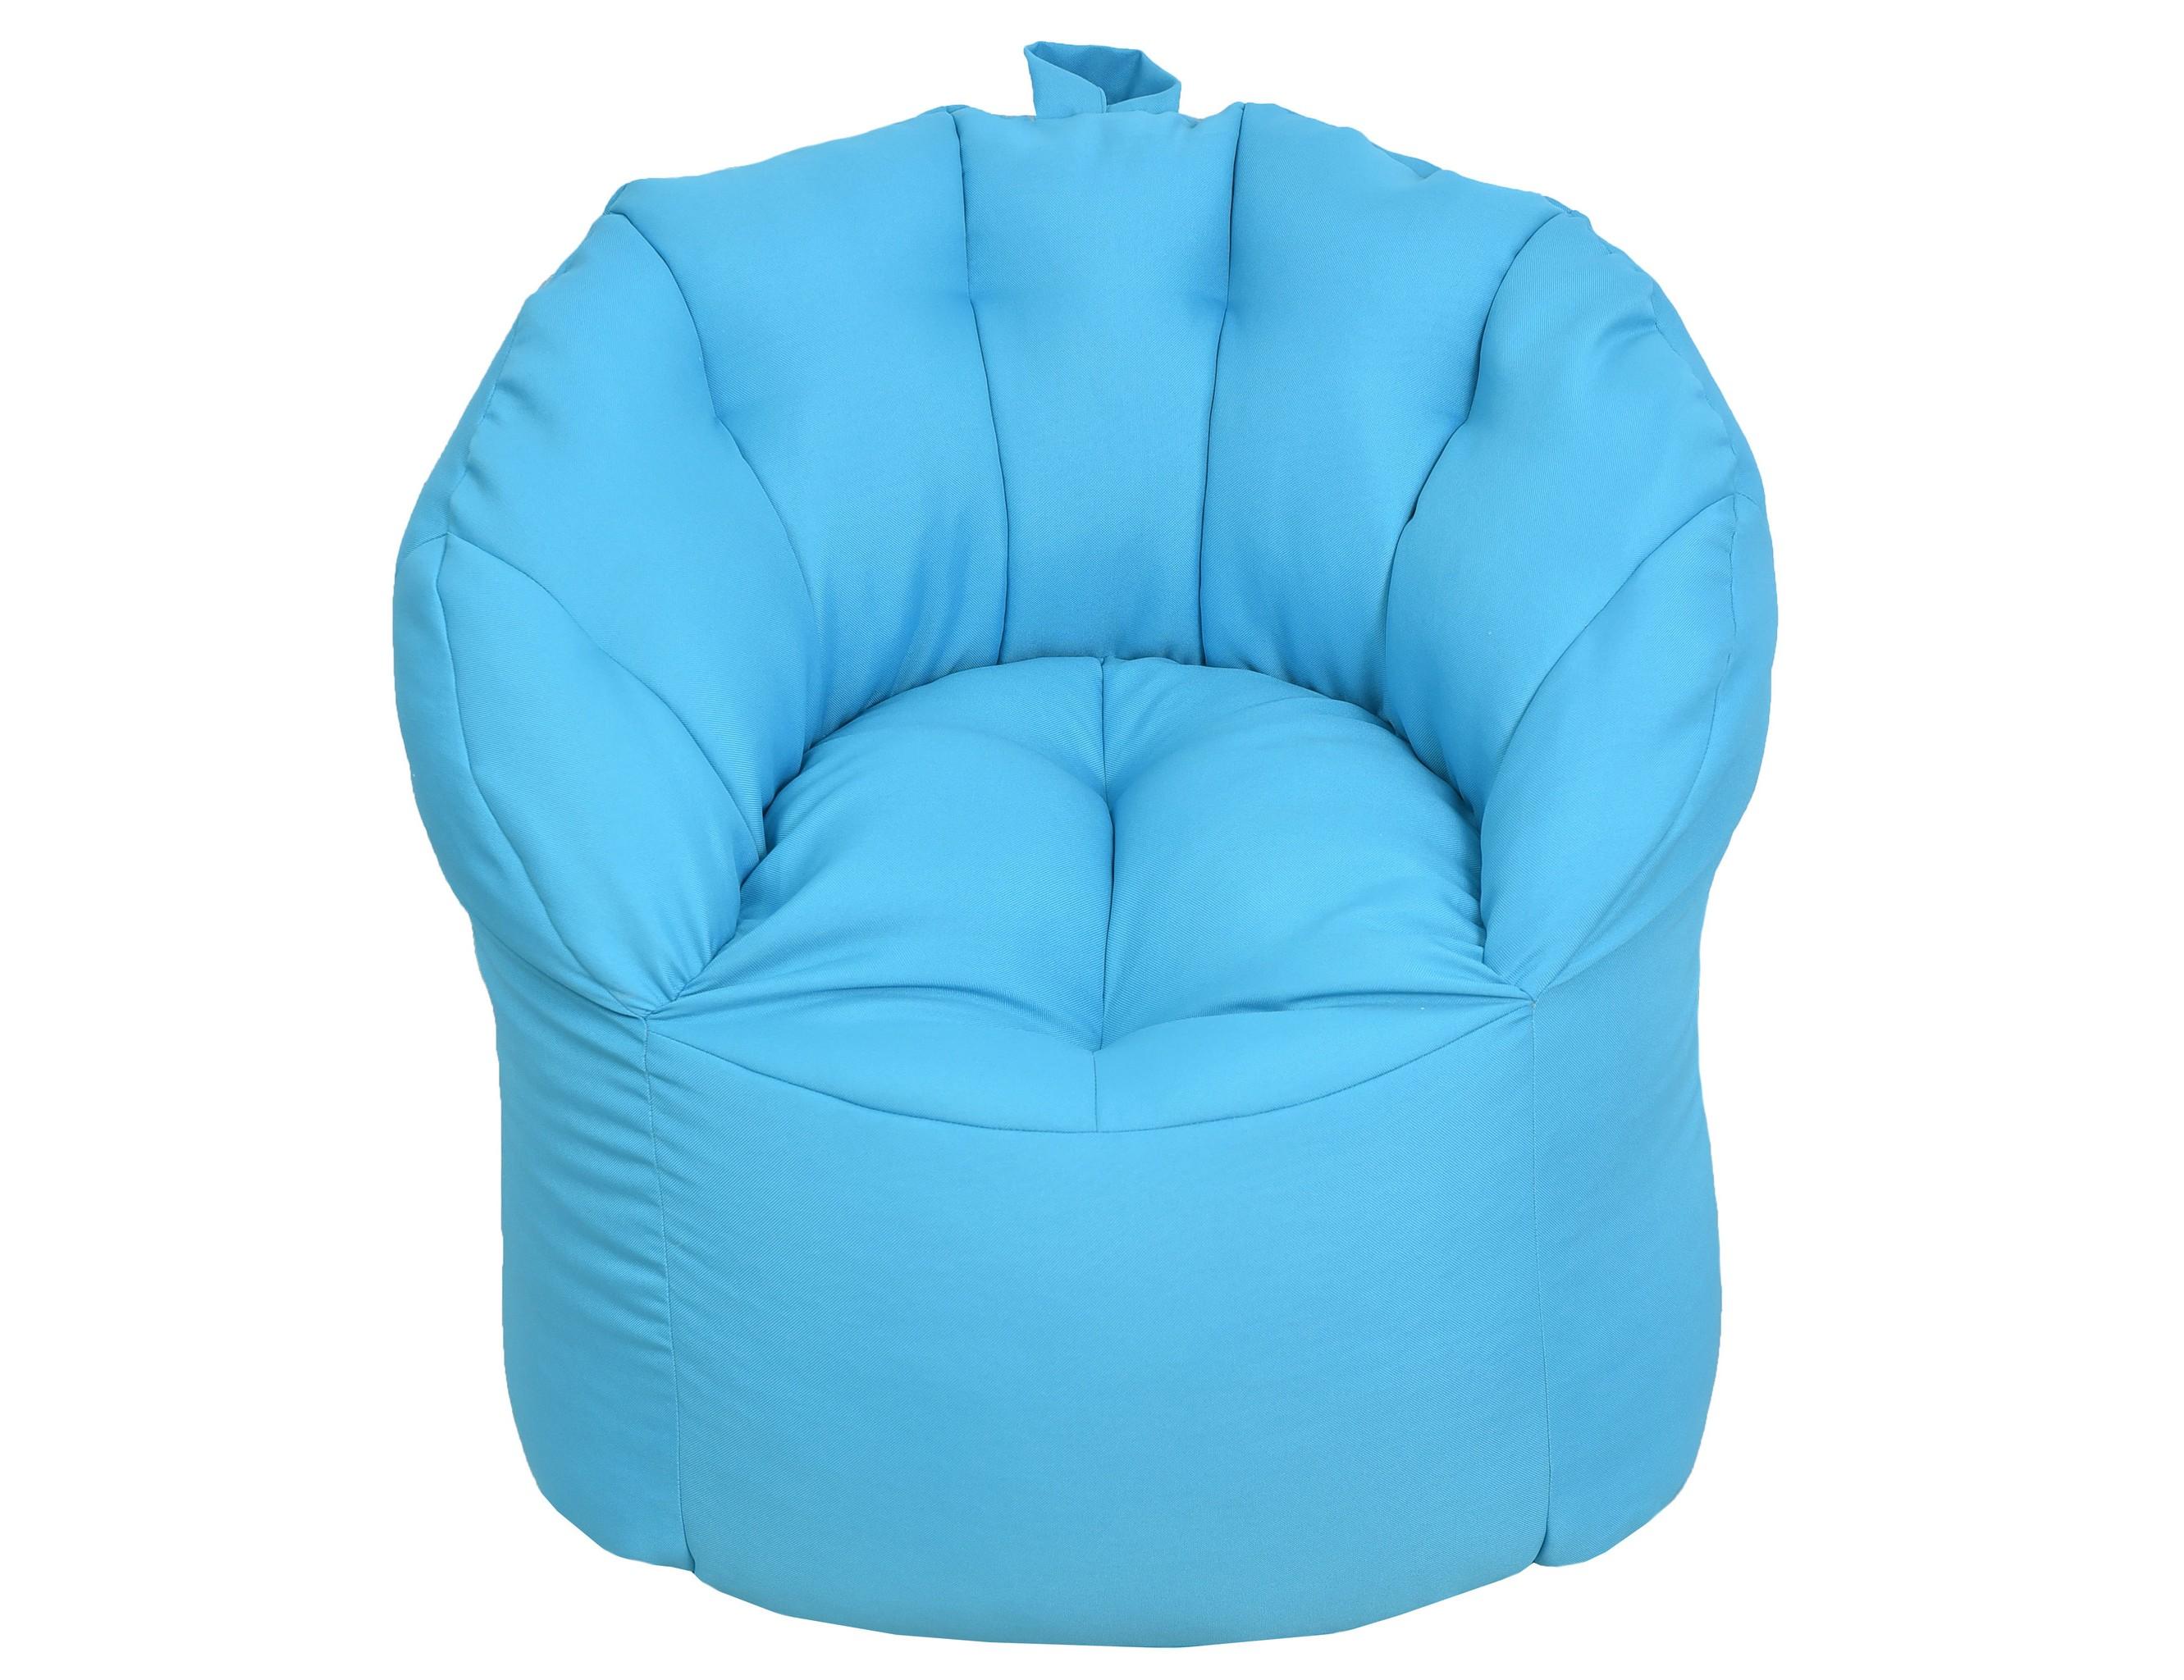 Кресло-пуфБесформенные пуфы<br>Комфортное кресло-пуф станет неотьемлемой частью вашего дома. Спинка кресла держит форму и обеспечивает круговую поддержку для спины за счет особой системы пошива. Кресло имеет 2 независимых отсека для наполнителя. Эксклюзивная   ткань разбавит ваш интерьер яркими красками.<br><br>Material: Текстиль<br>Ширина см: 75<br>Высота см: 80<br>Глубина см: 65